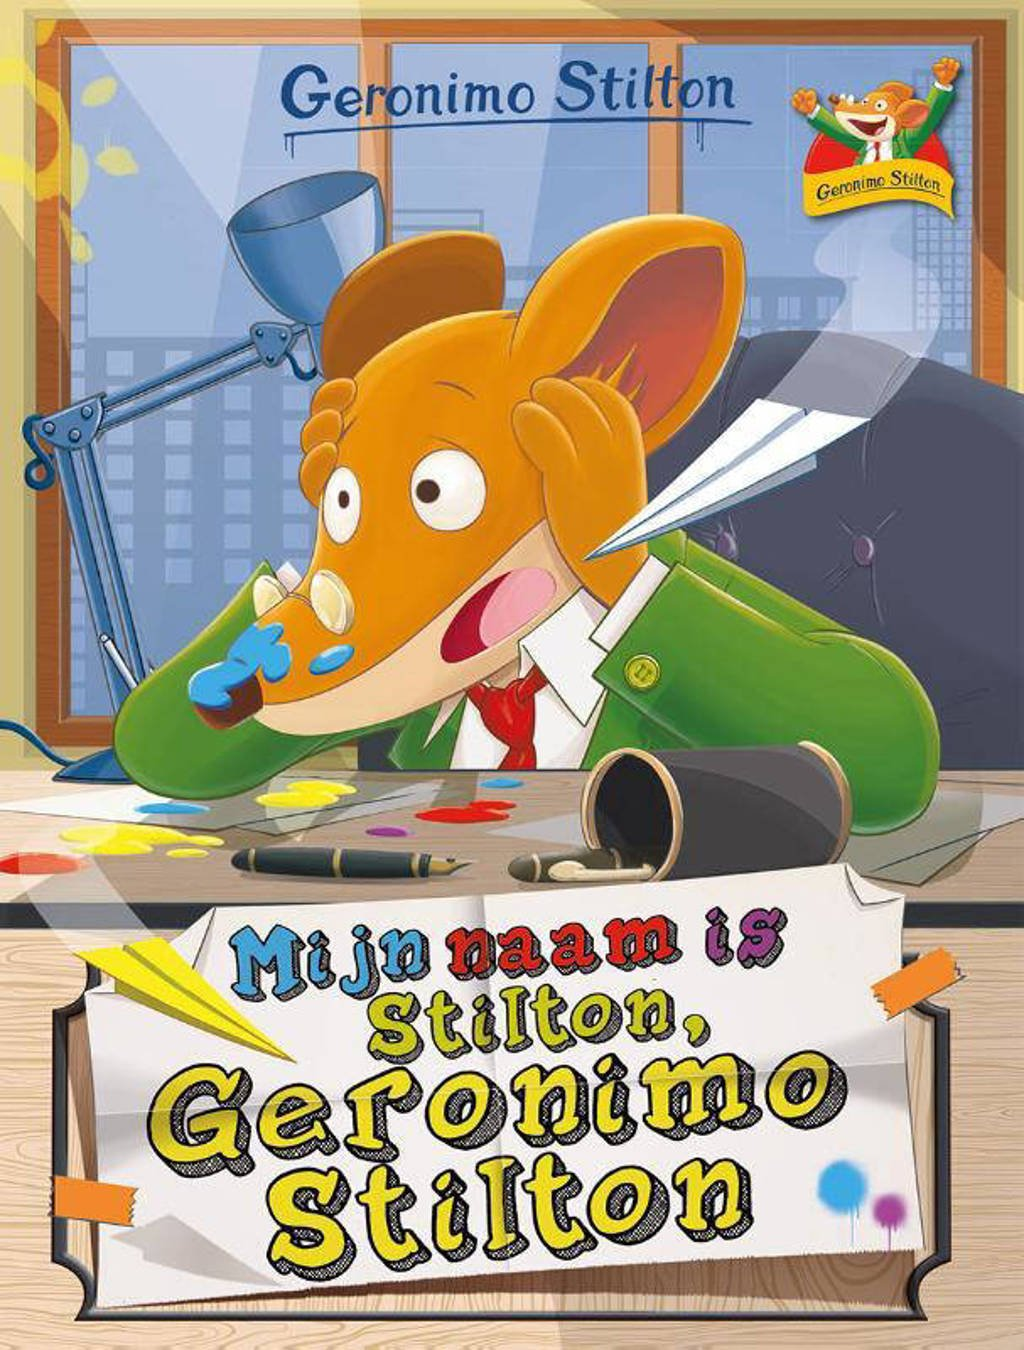 Geronimo Stilton: Mijn naam is Stilton, Geronimo Stilton - Geronimo Stilton